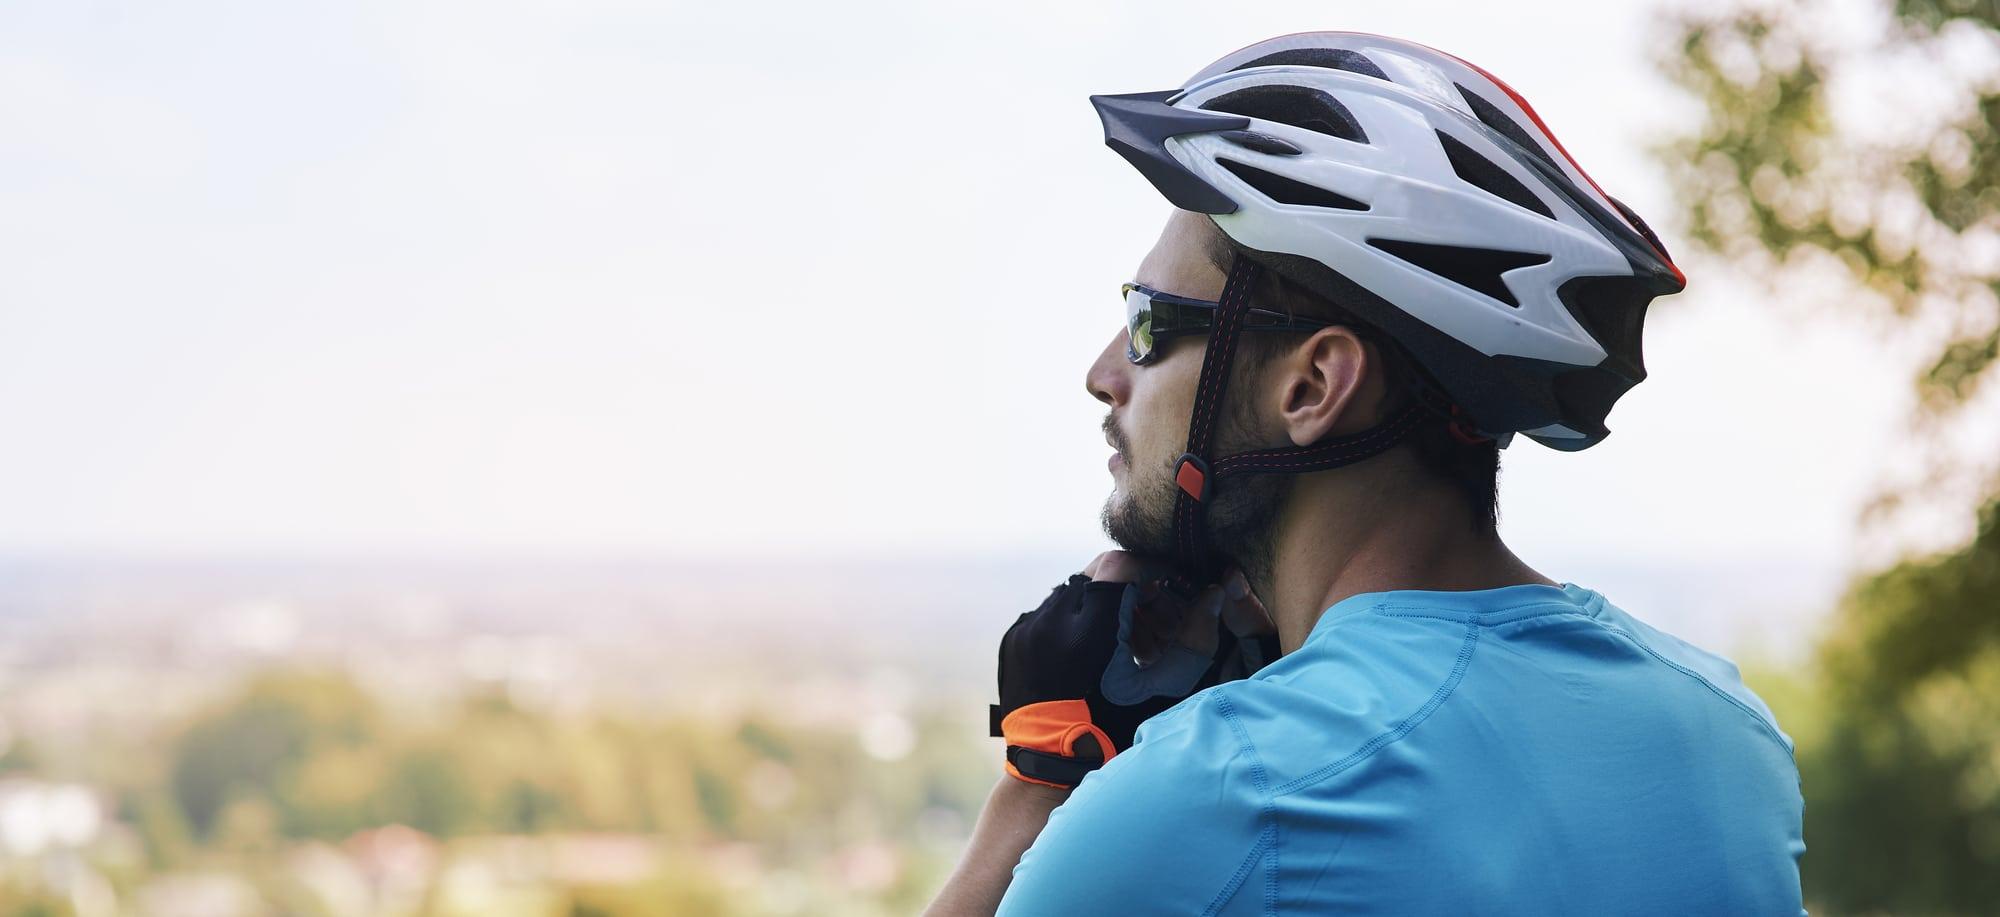 Cykelhjelm i naturen